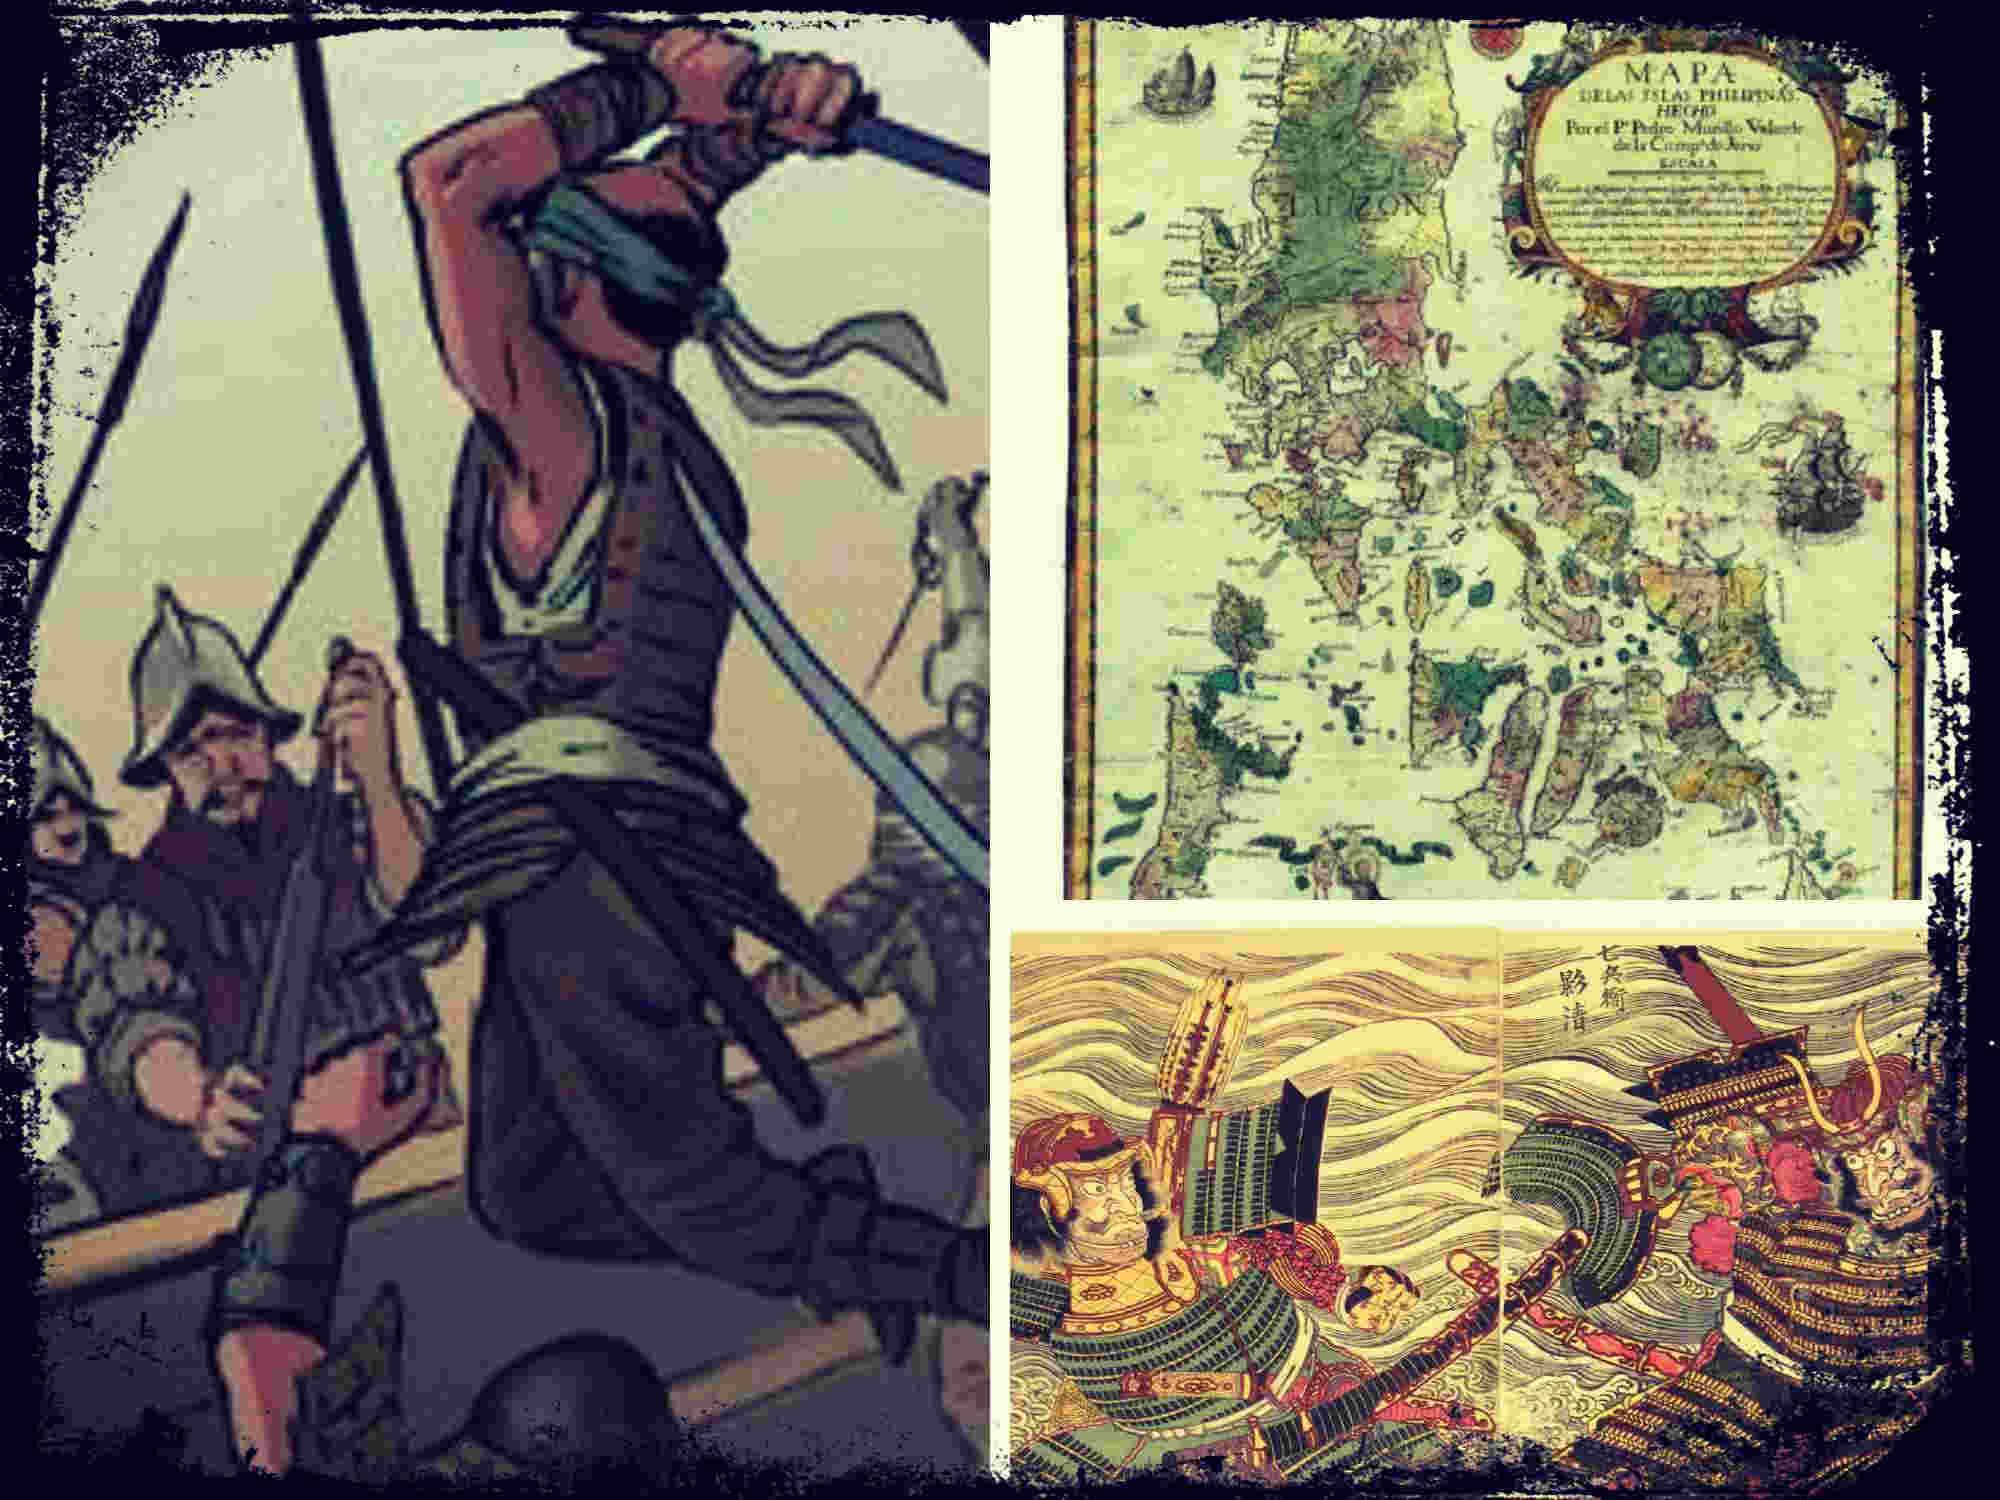 https://revistadehistoria.es/cagayan-los-tercios-espanoles-cuestionan-la-imbatibilidad-los-samurais/